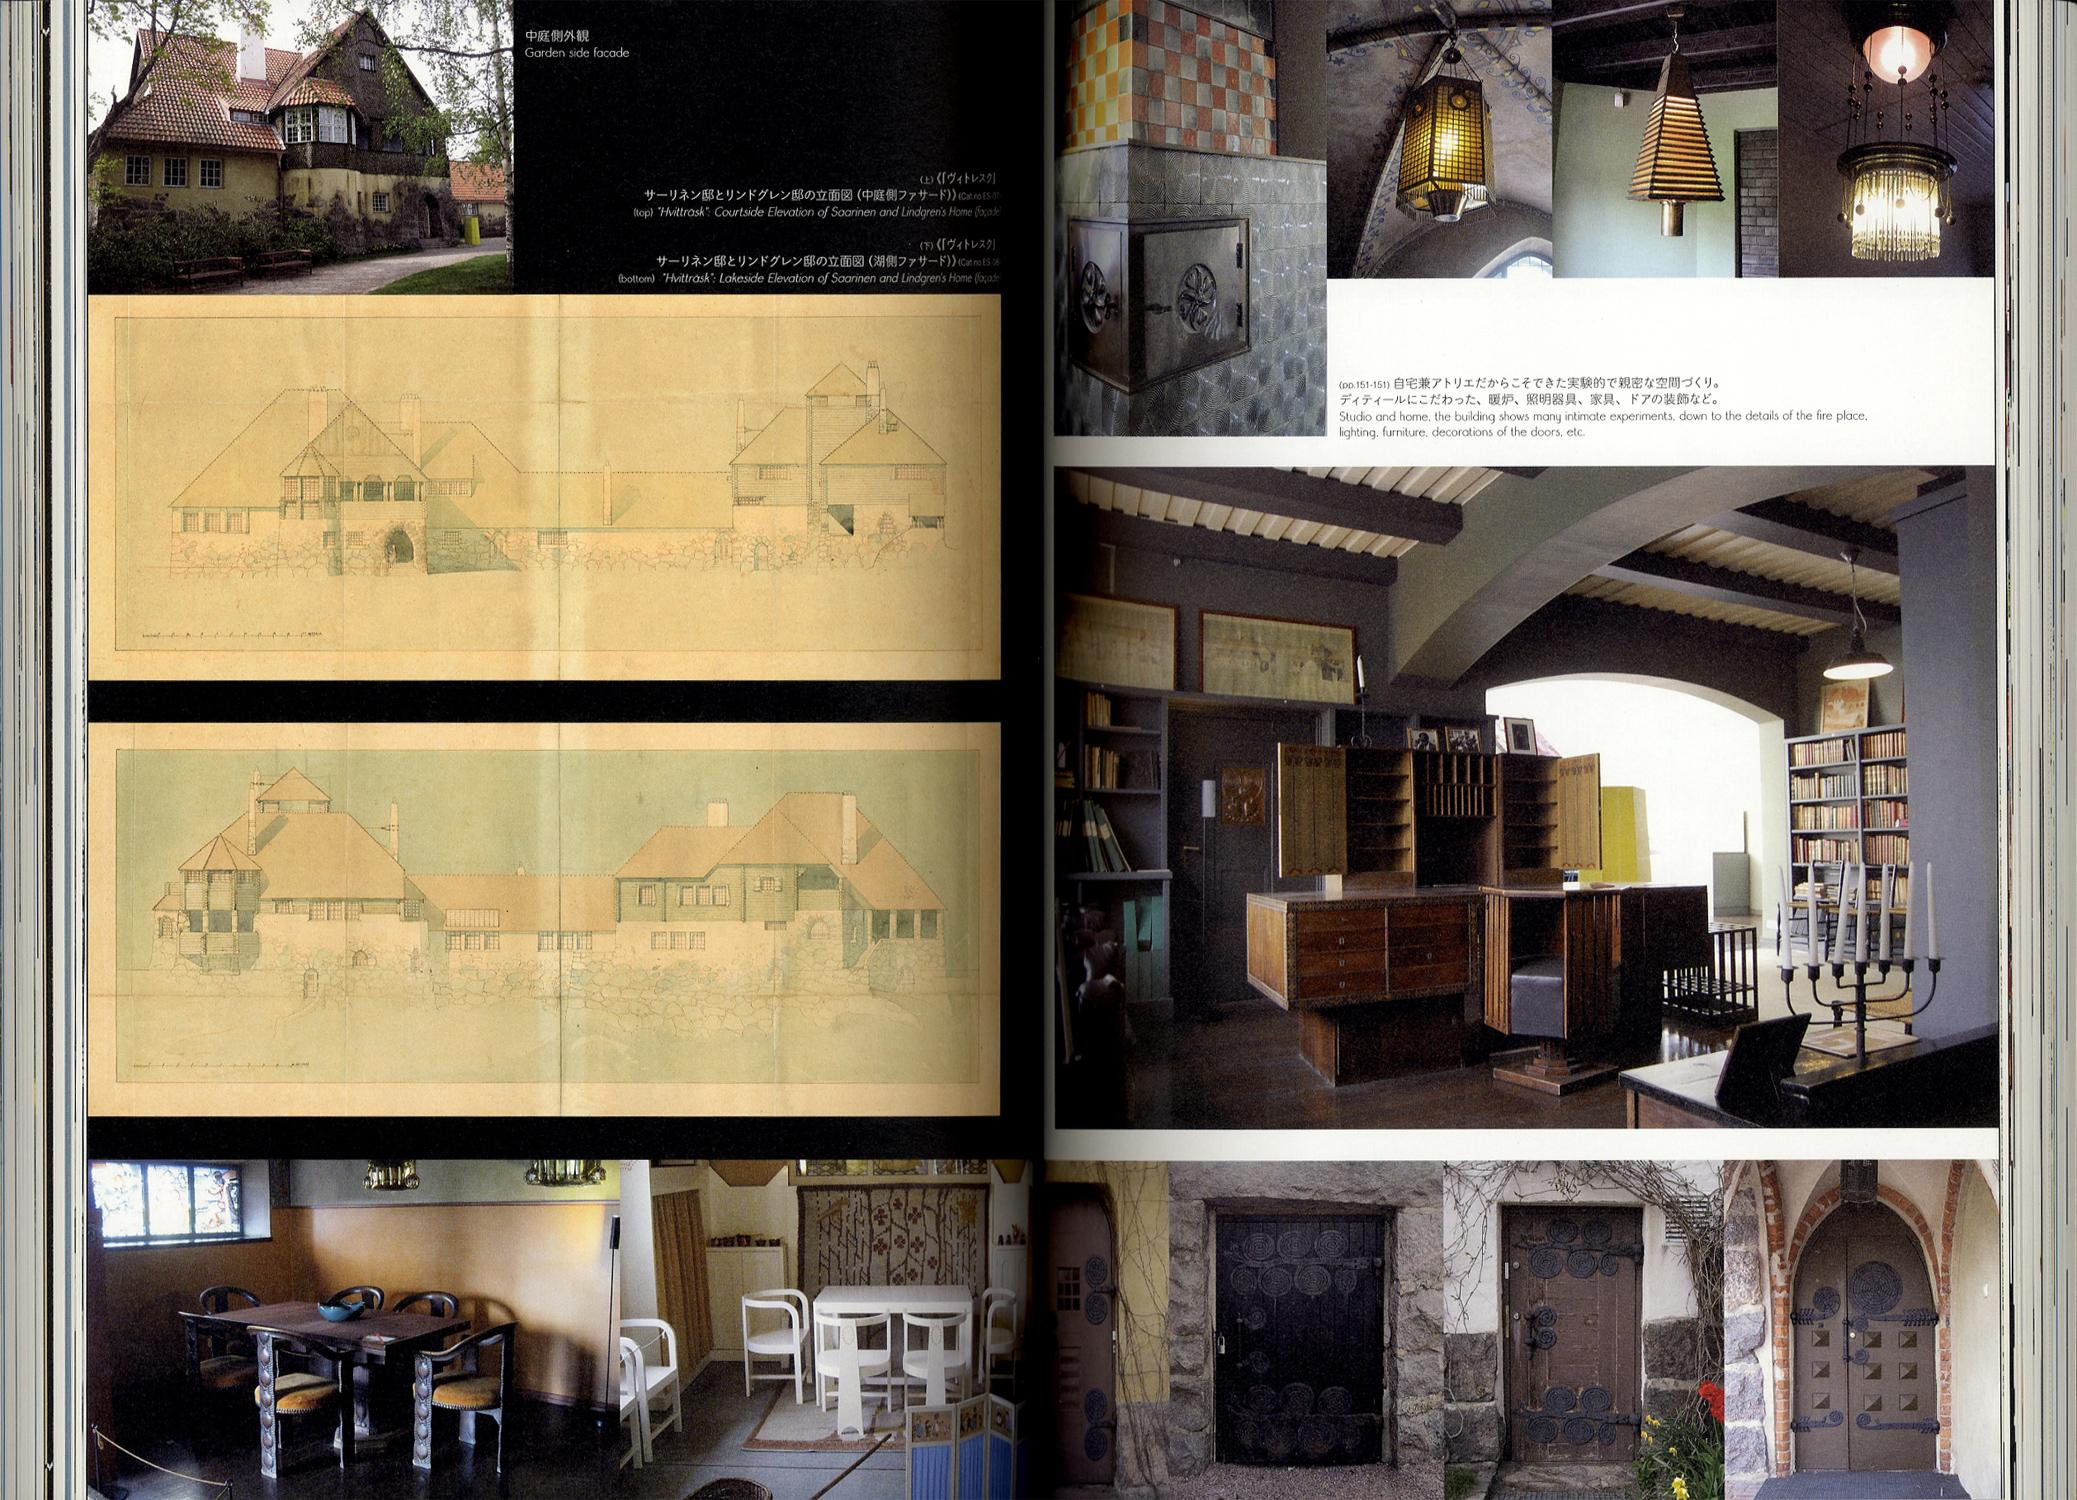 フィンランドのくらしとデザイン ムーミンが住む森の生活展図録[image4]